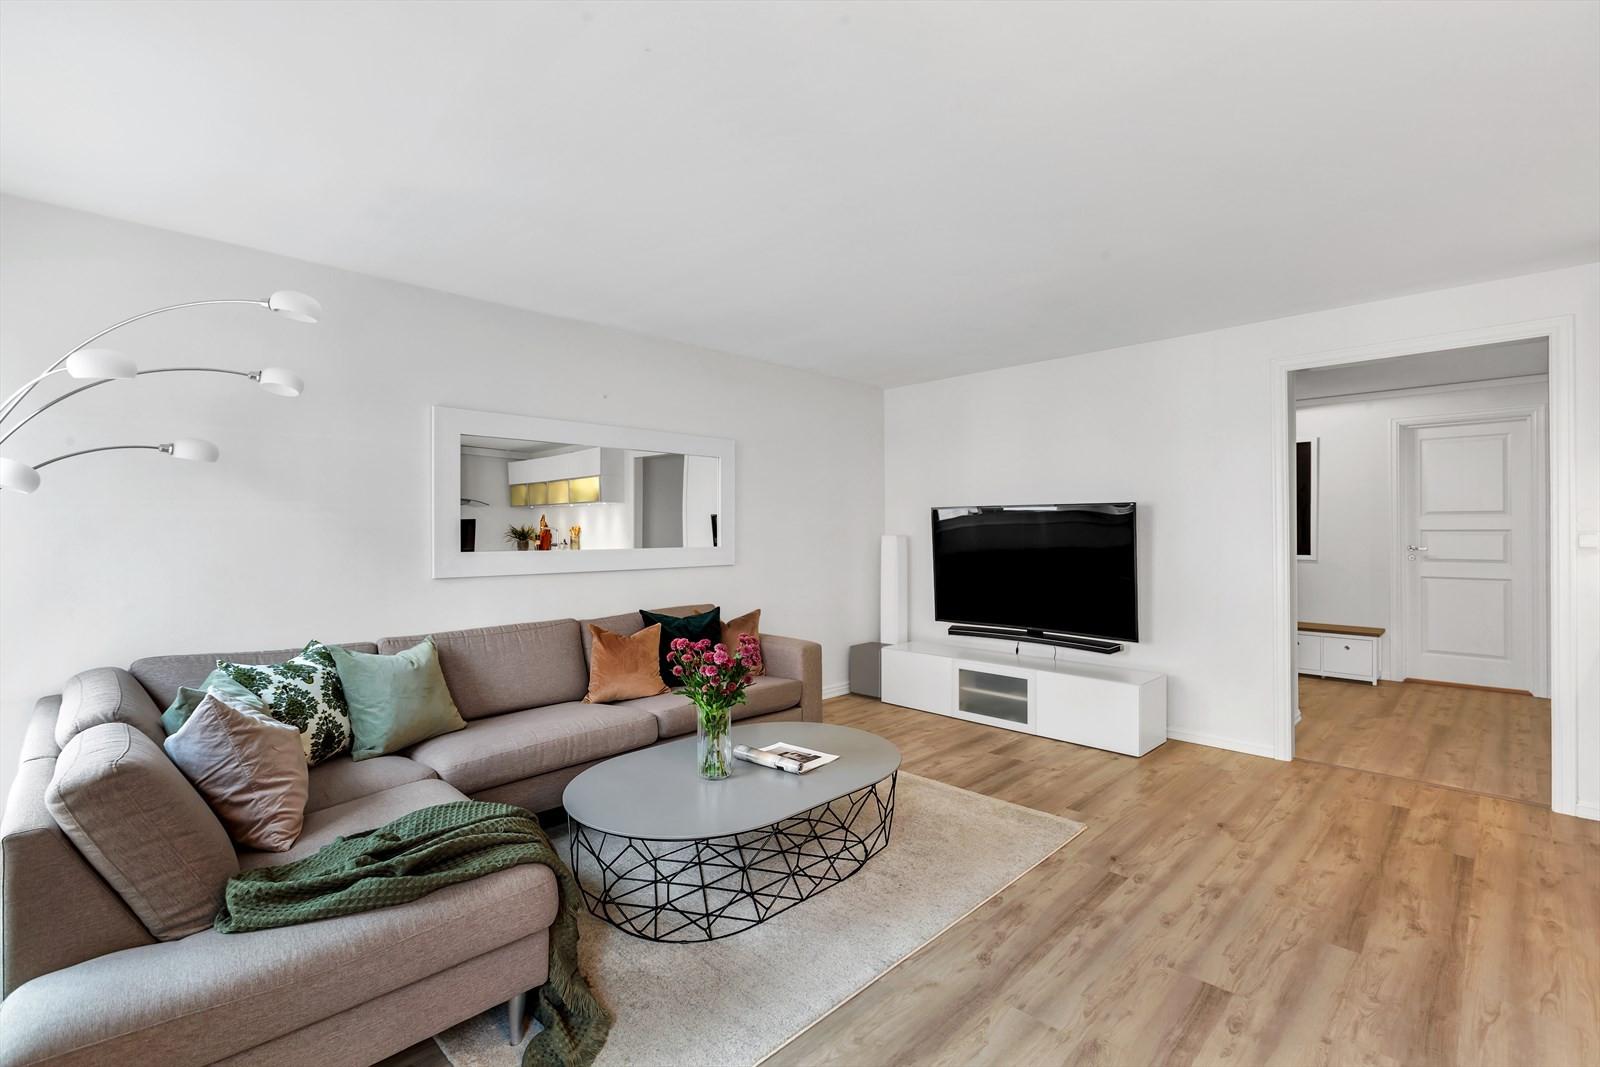 Bakre del av stuen. Perfekt TV-vegg.